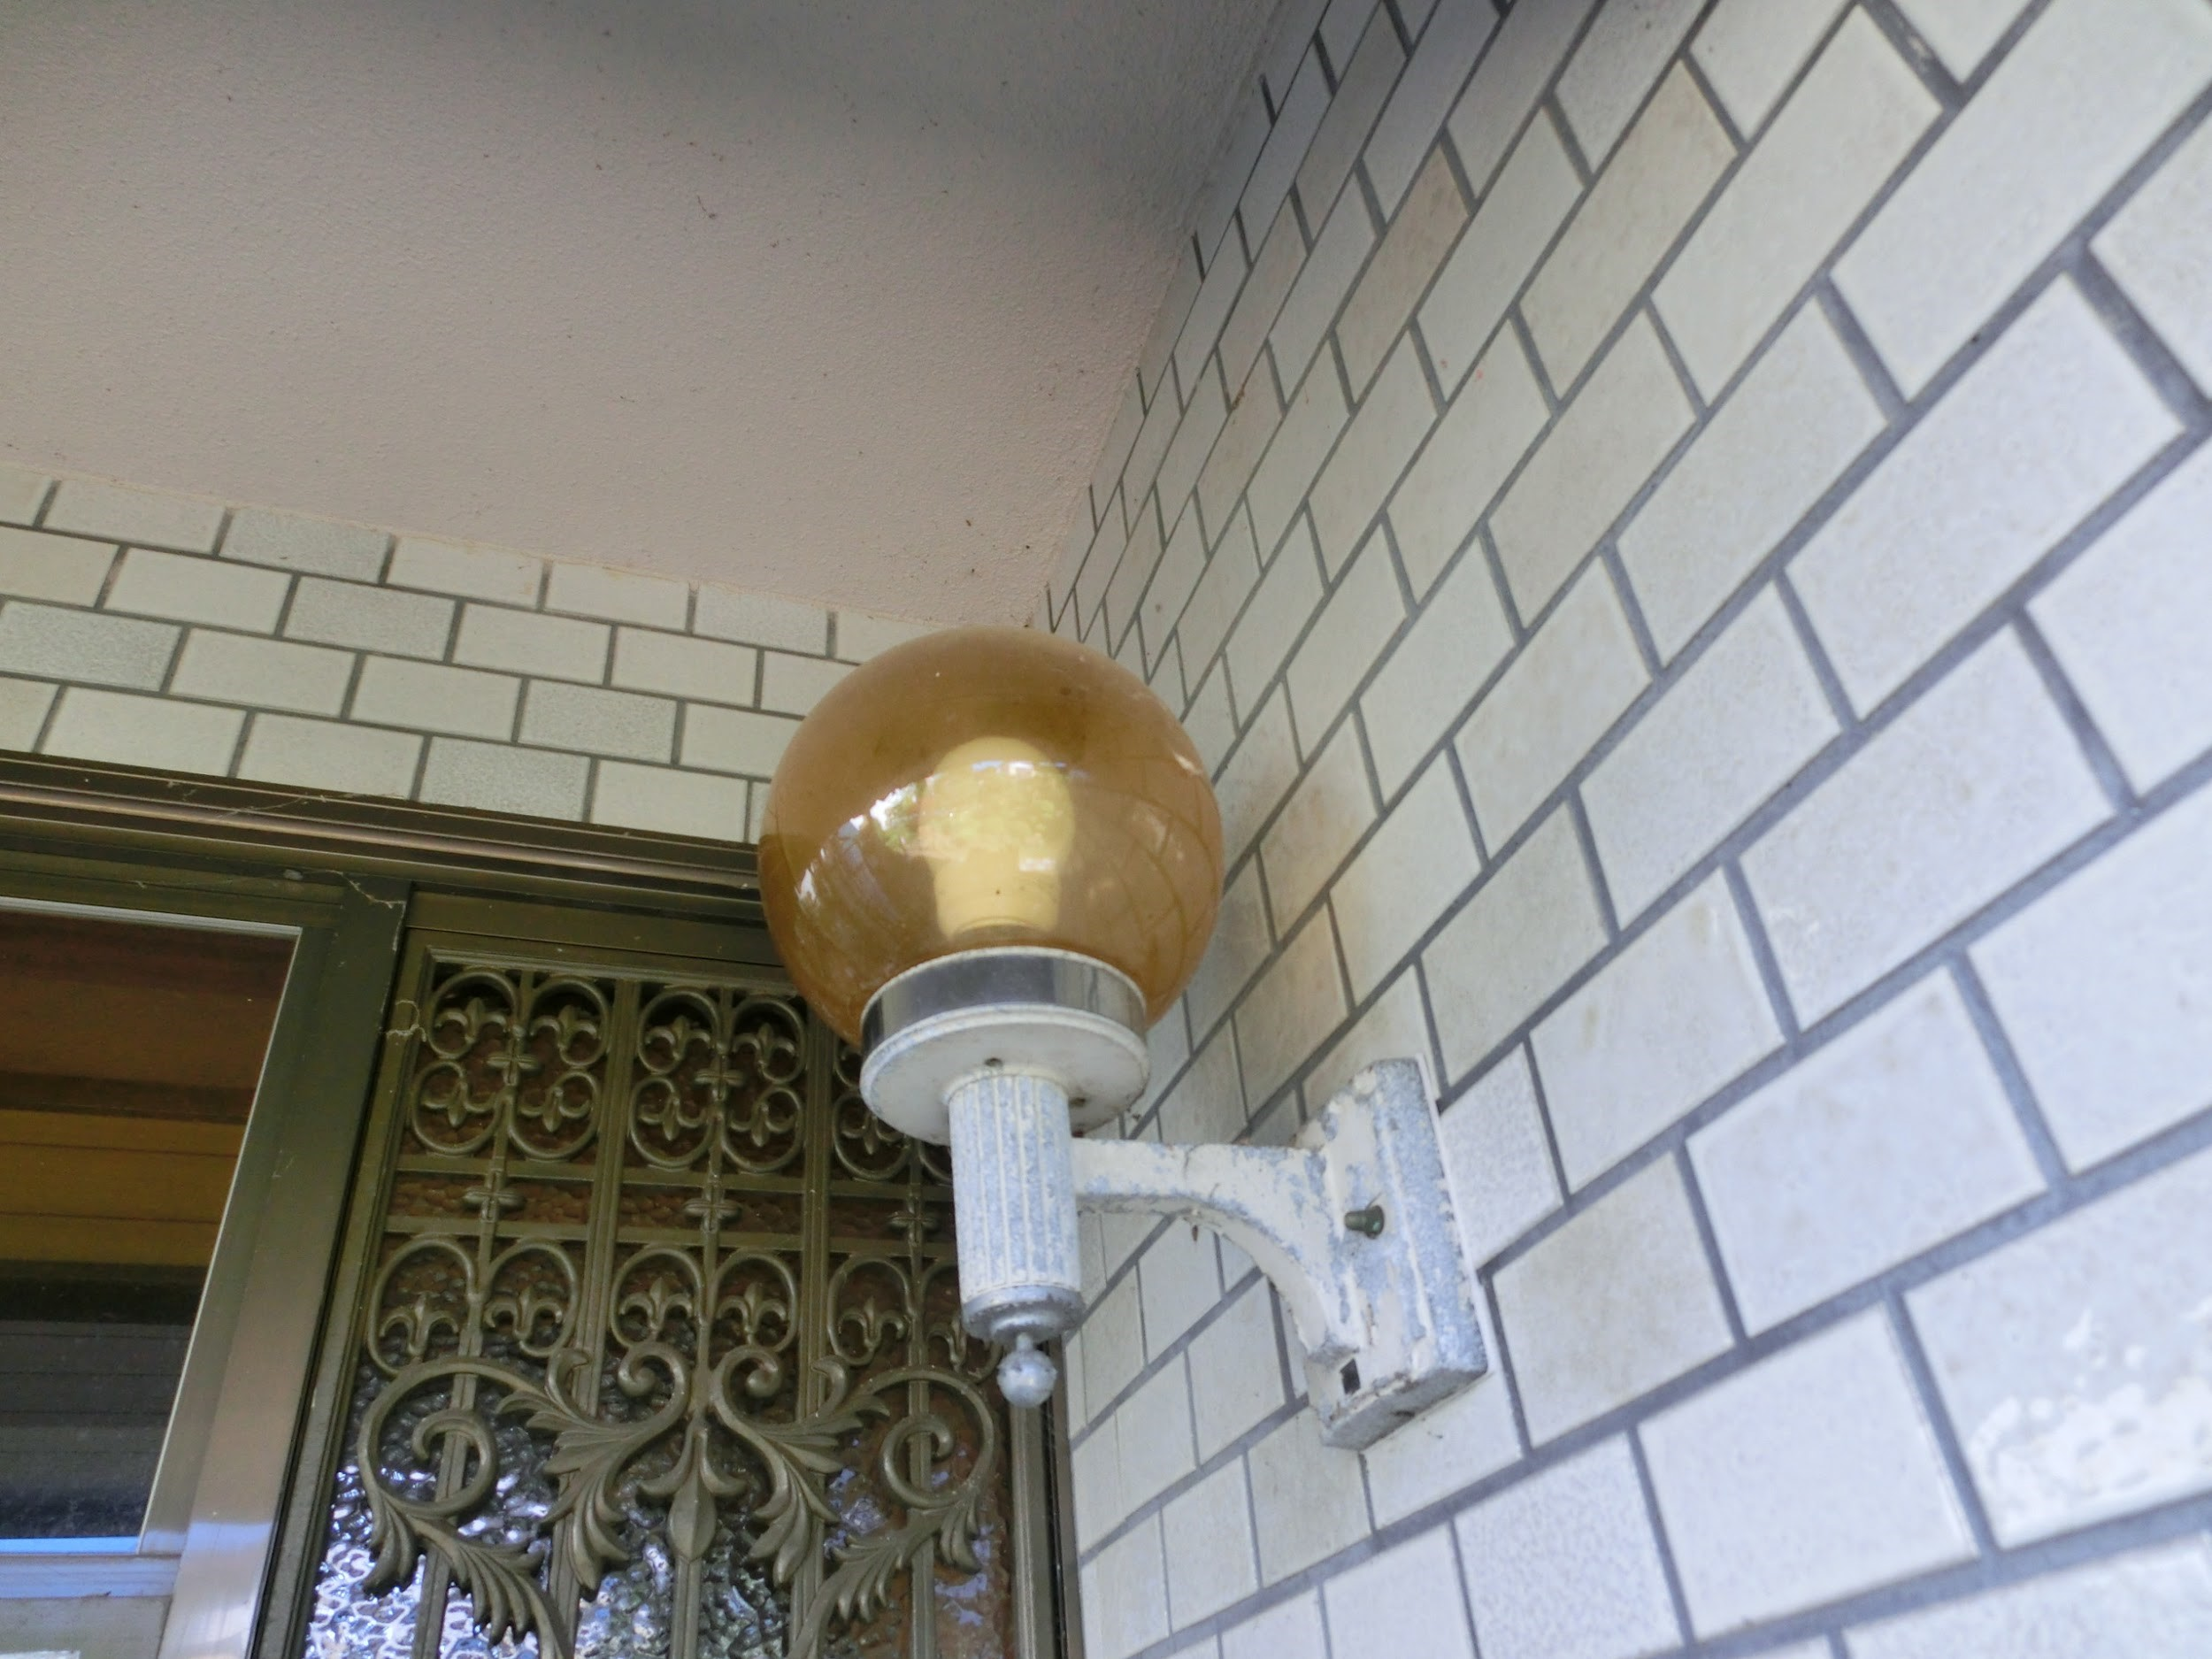 玄関灯に始まり勝手口灯、あるいは死角になる場所に防犯灯など、外部の照明器具周りにもコーキングが施工されているものがある。